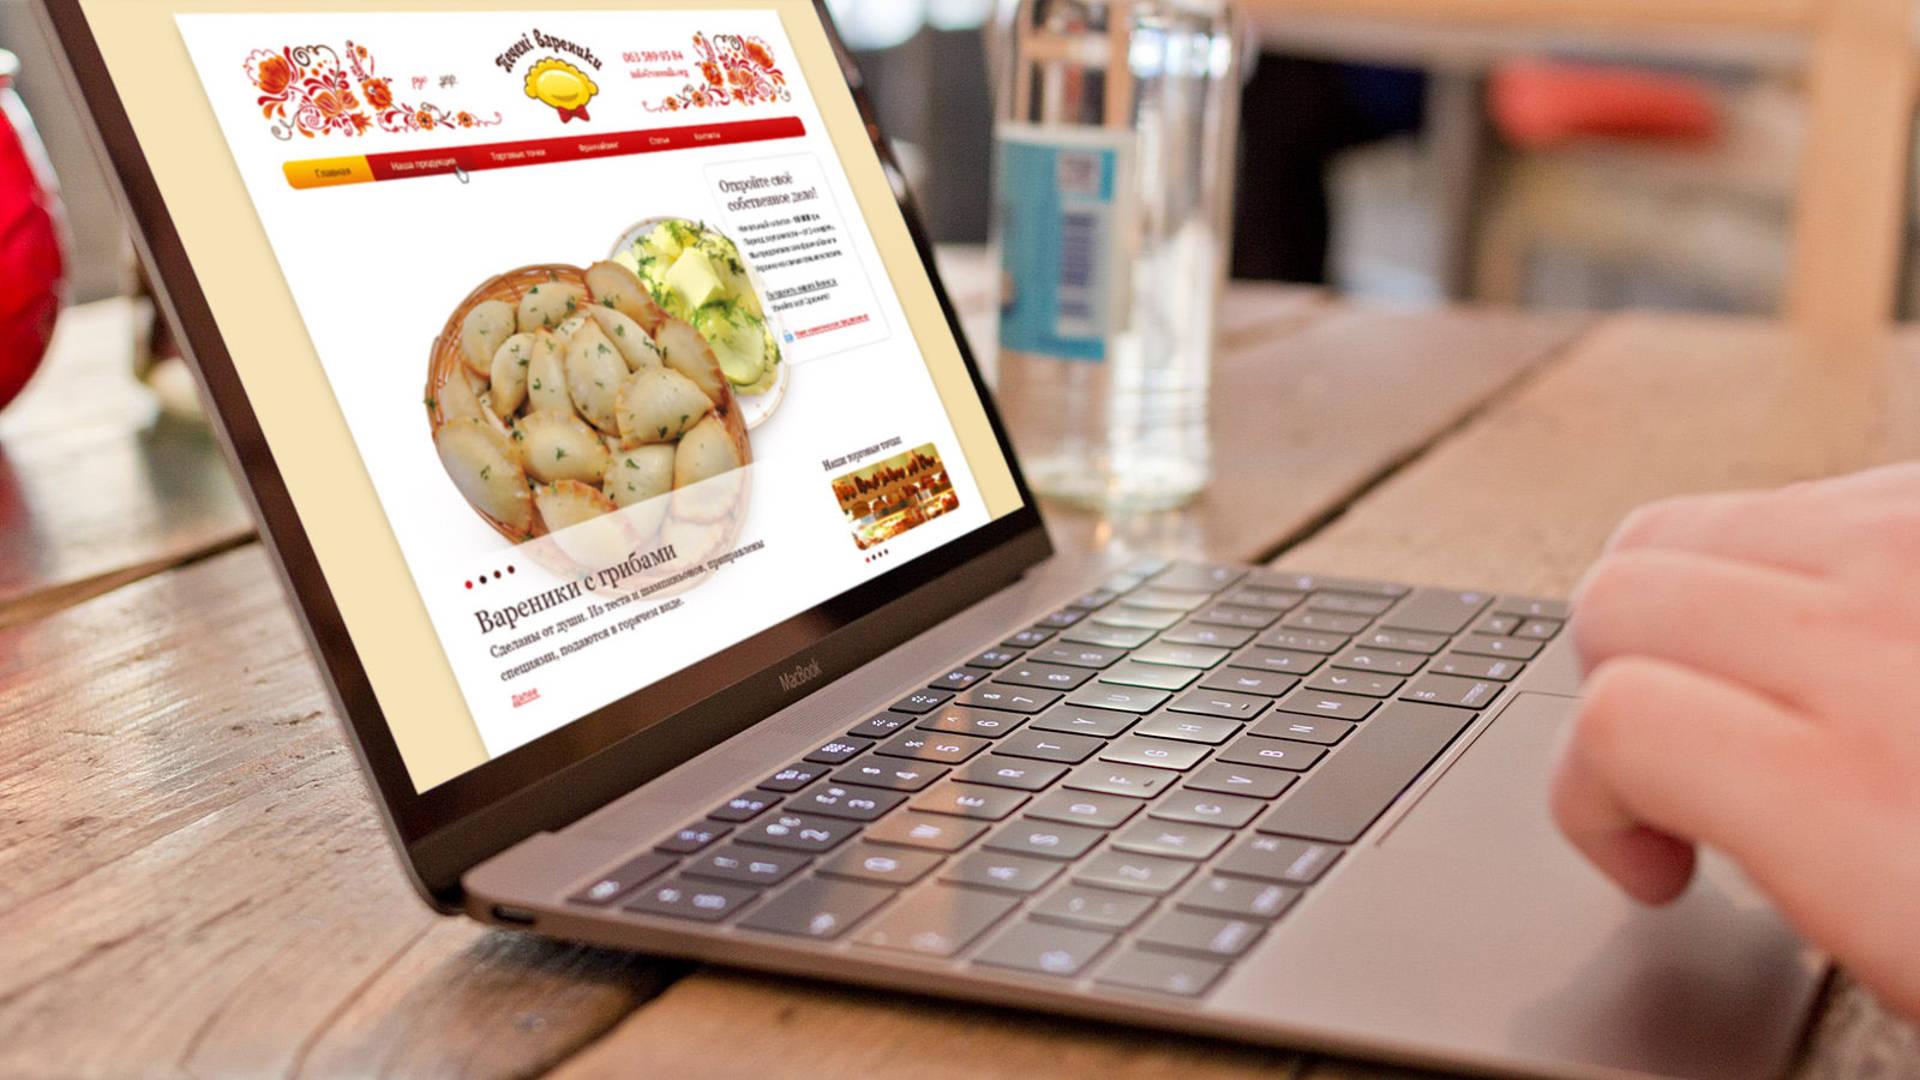 Дизайн of the website cafe, Cafe site design